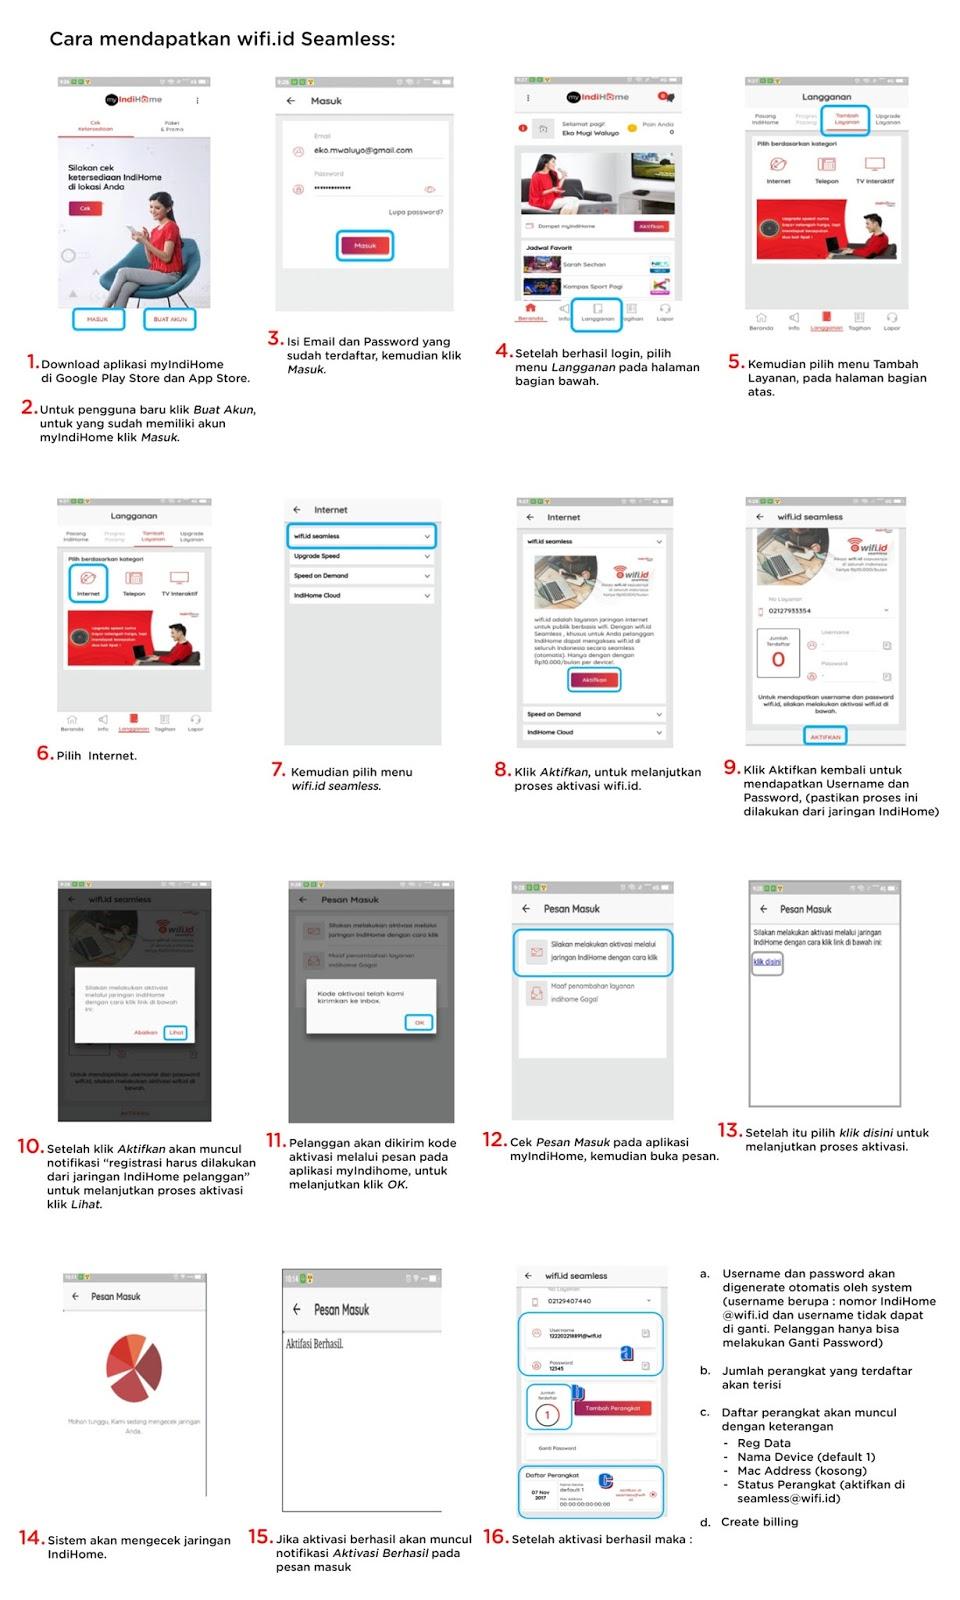 Cara Berhenti Wifi Id Seamless : berhenti, seamless, Login, Aktivasi, Wifi.id, Seamless, Terbaru, Waswus